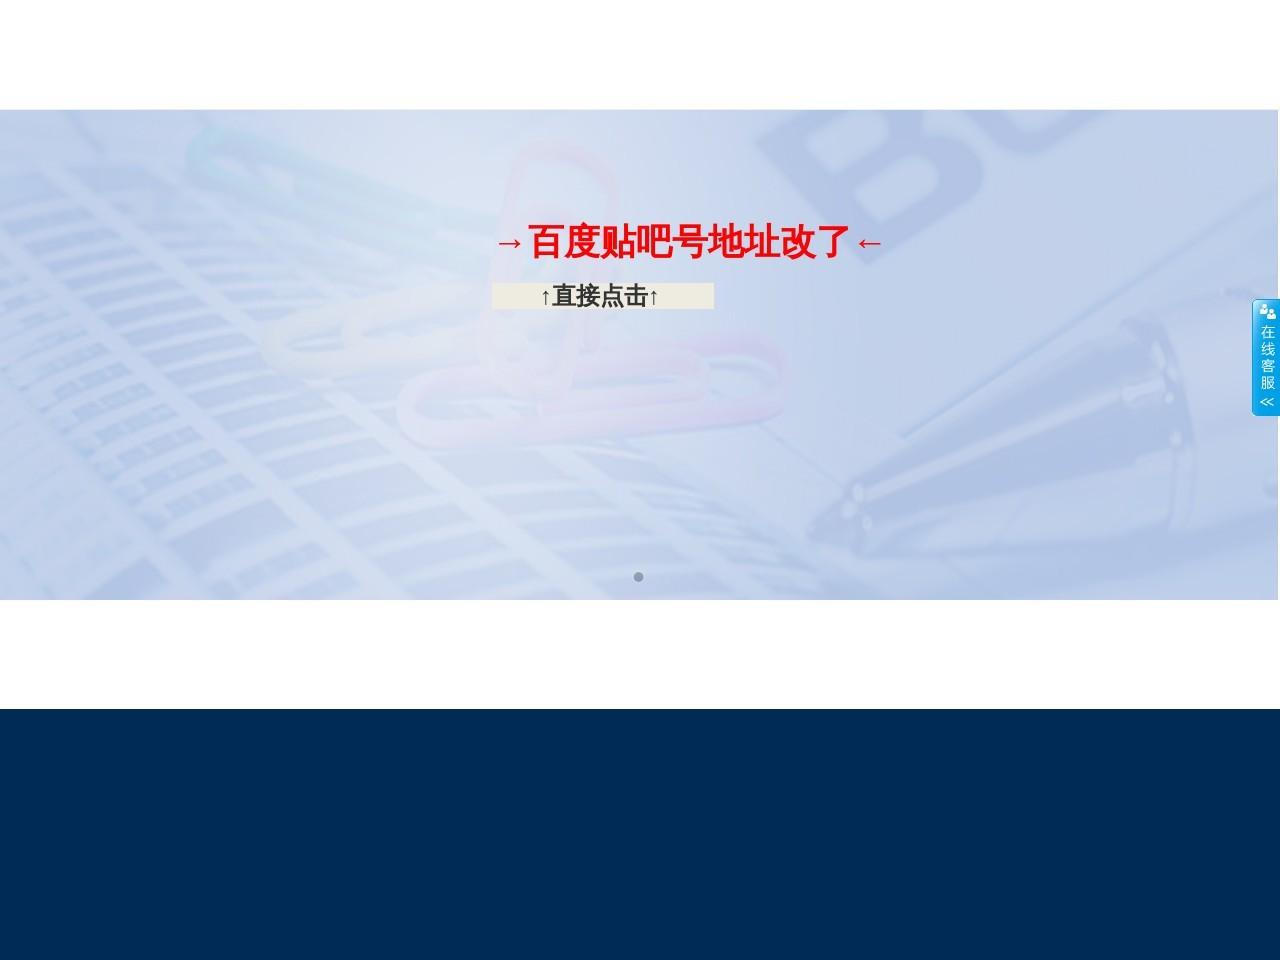 微博文章关键词收录代发,专业代发微博帖seo,新浪微博文章代发广告